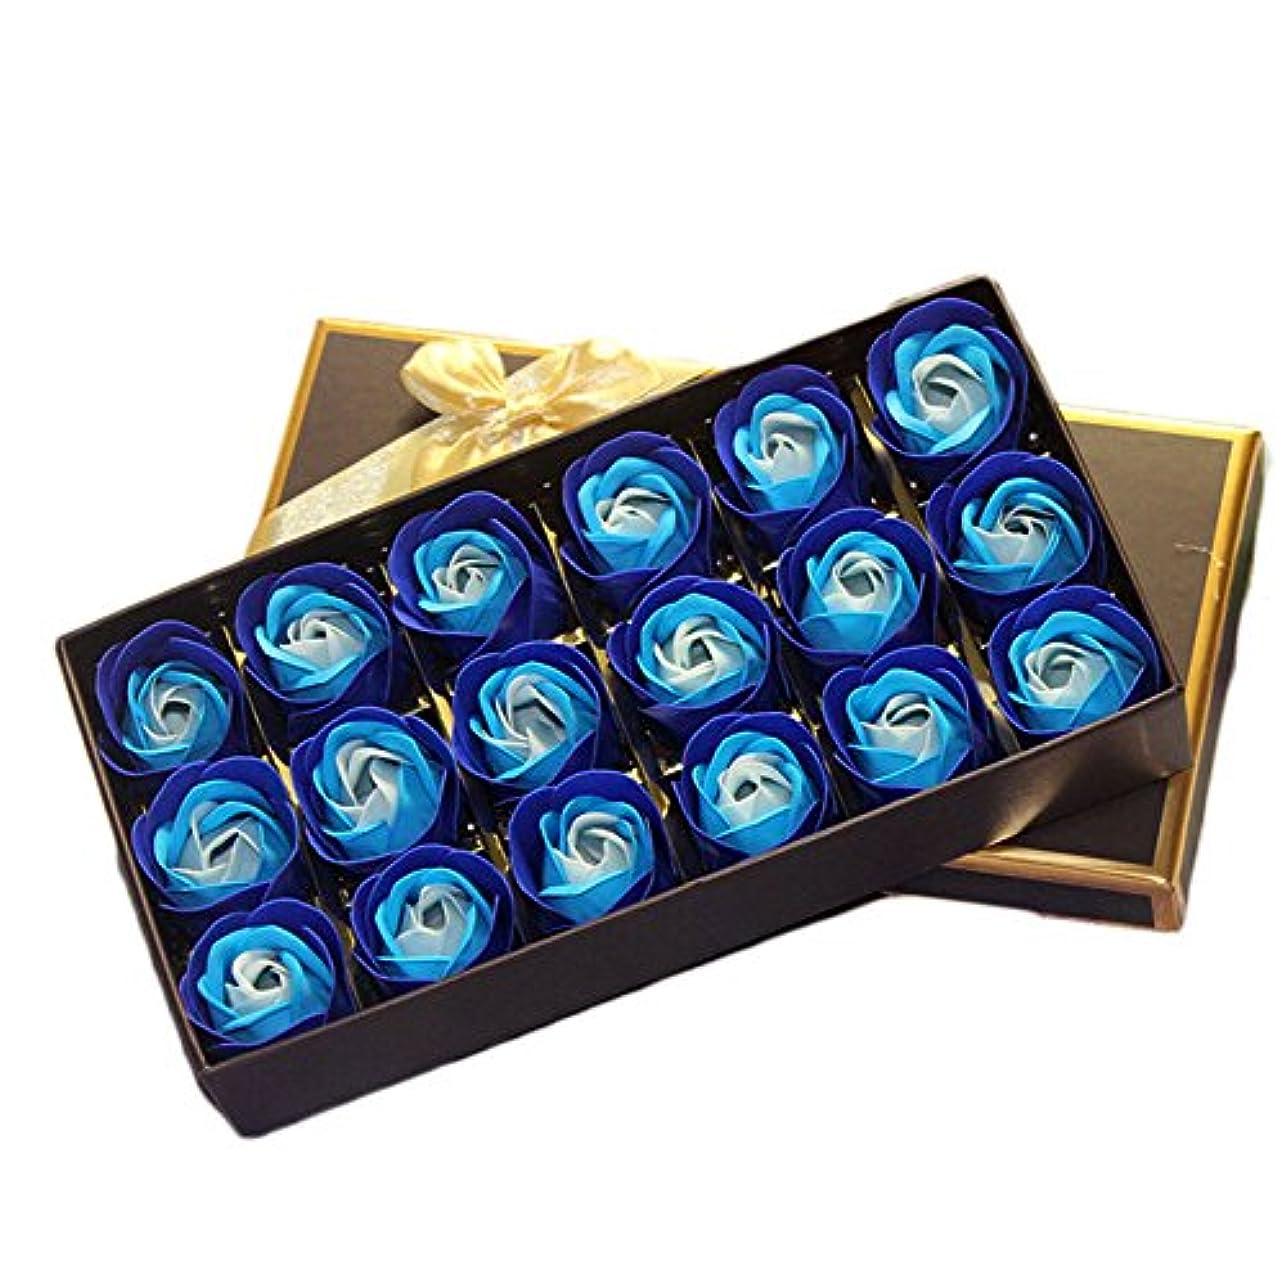 ハウジング蒸し器ポーター18個バラ型 フラワーソープ ギフトボックス入り 石鹸 花 バラ セット 手作り 洗う 手 お風呂 香り 贈り物 (青 1)